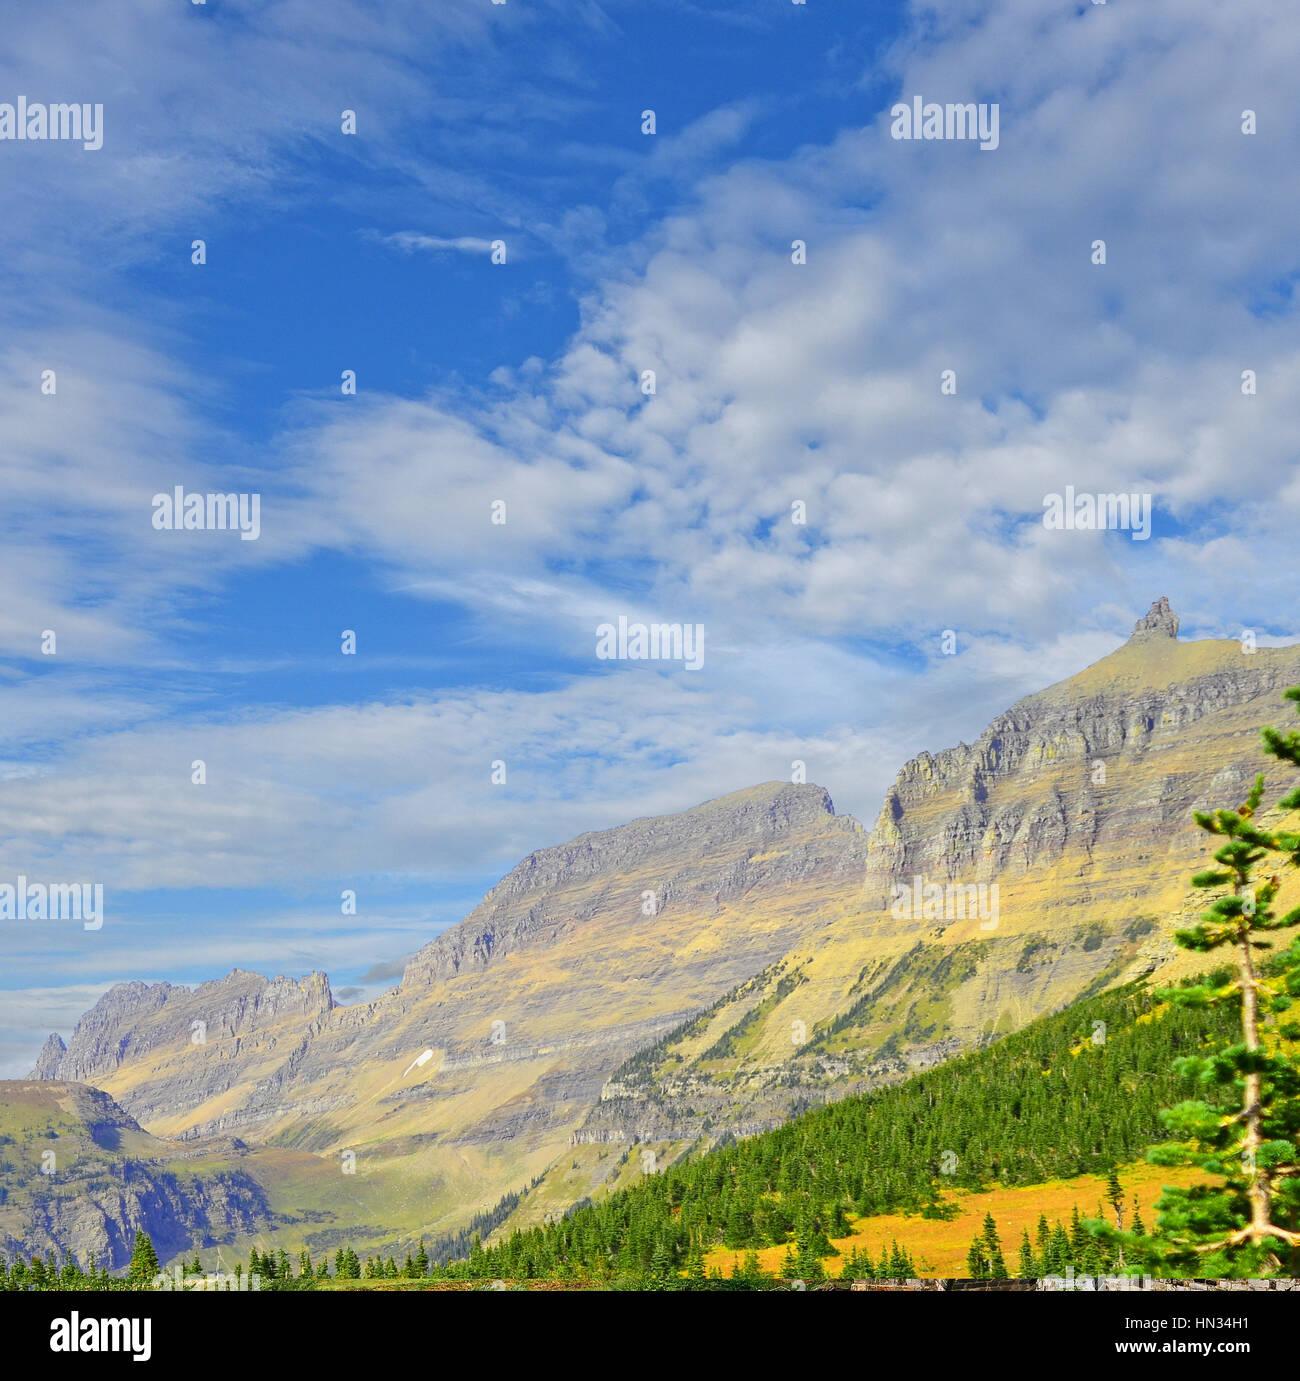 Der Garten Wand Felsformation im Glacier Nationalpark Montana, Vereinigte Staaten von Amerika Stockbild